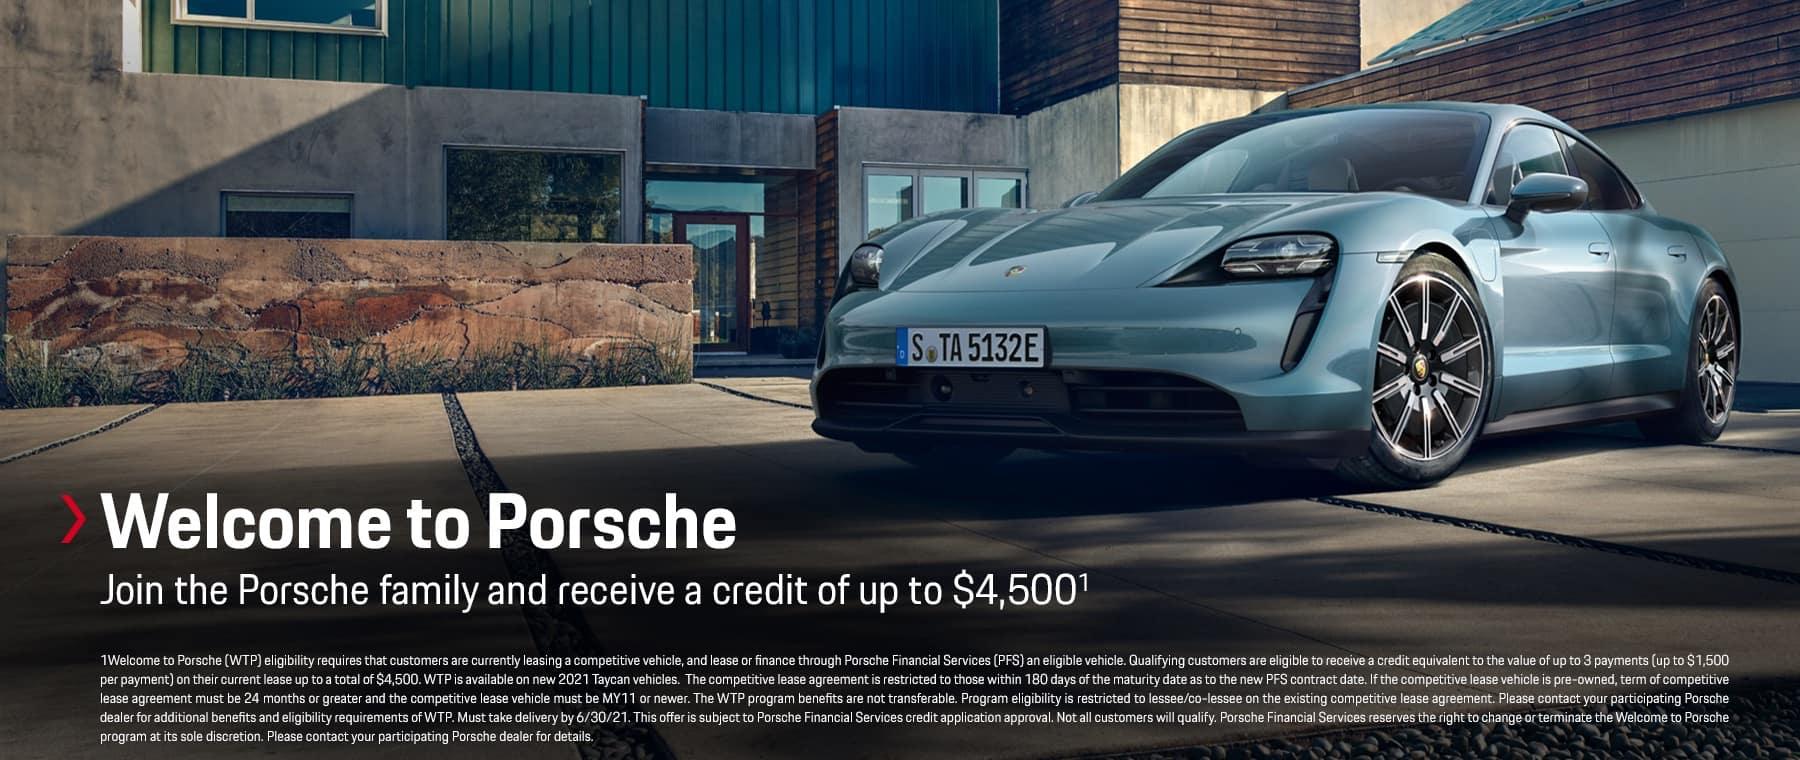 Welcome to Porsche